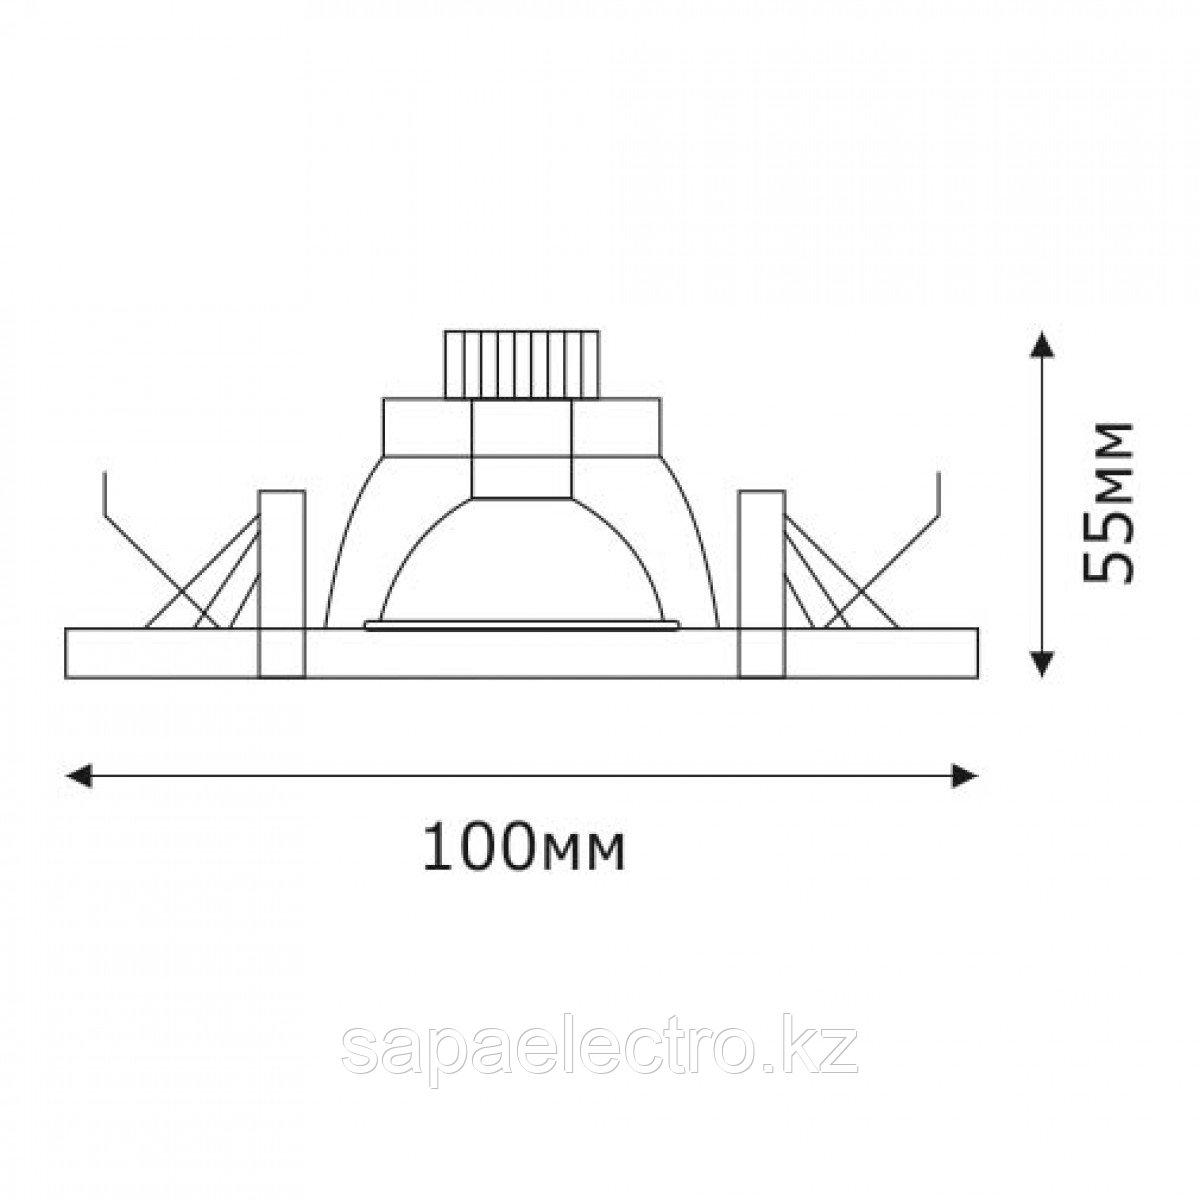 Спот LED ZP111-5 ROUND 3W 5000K (TS) 60шт